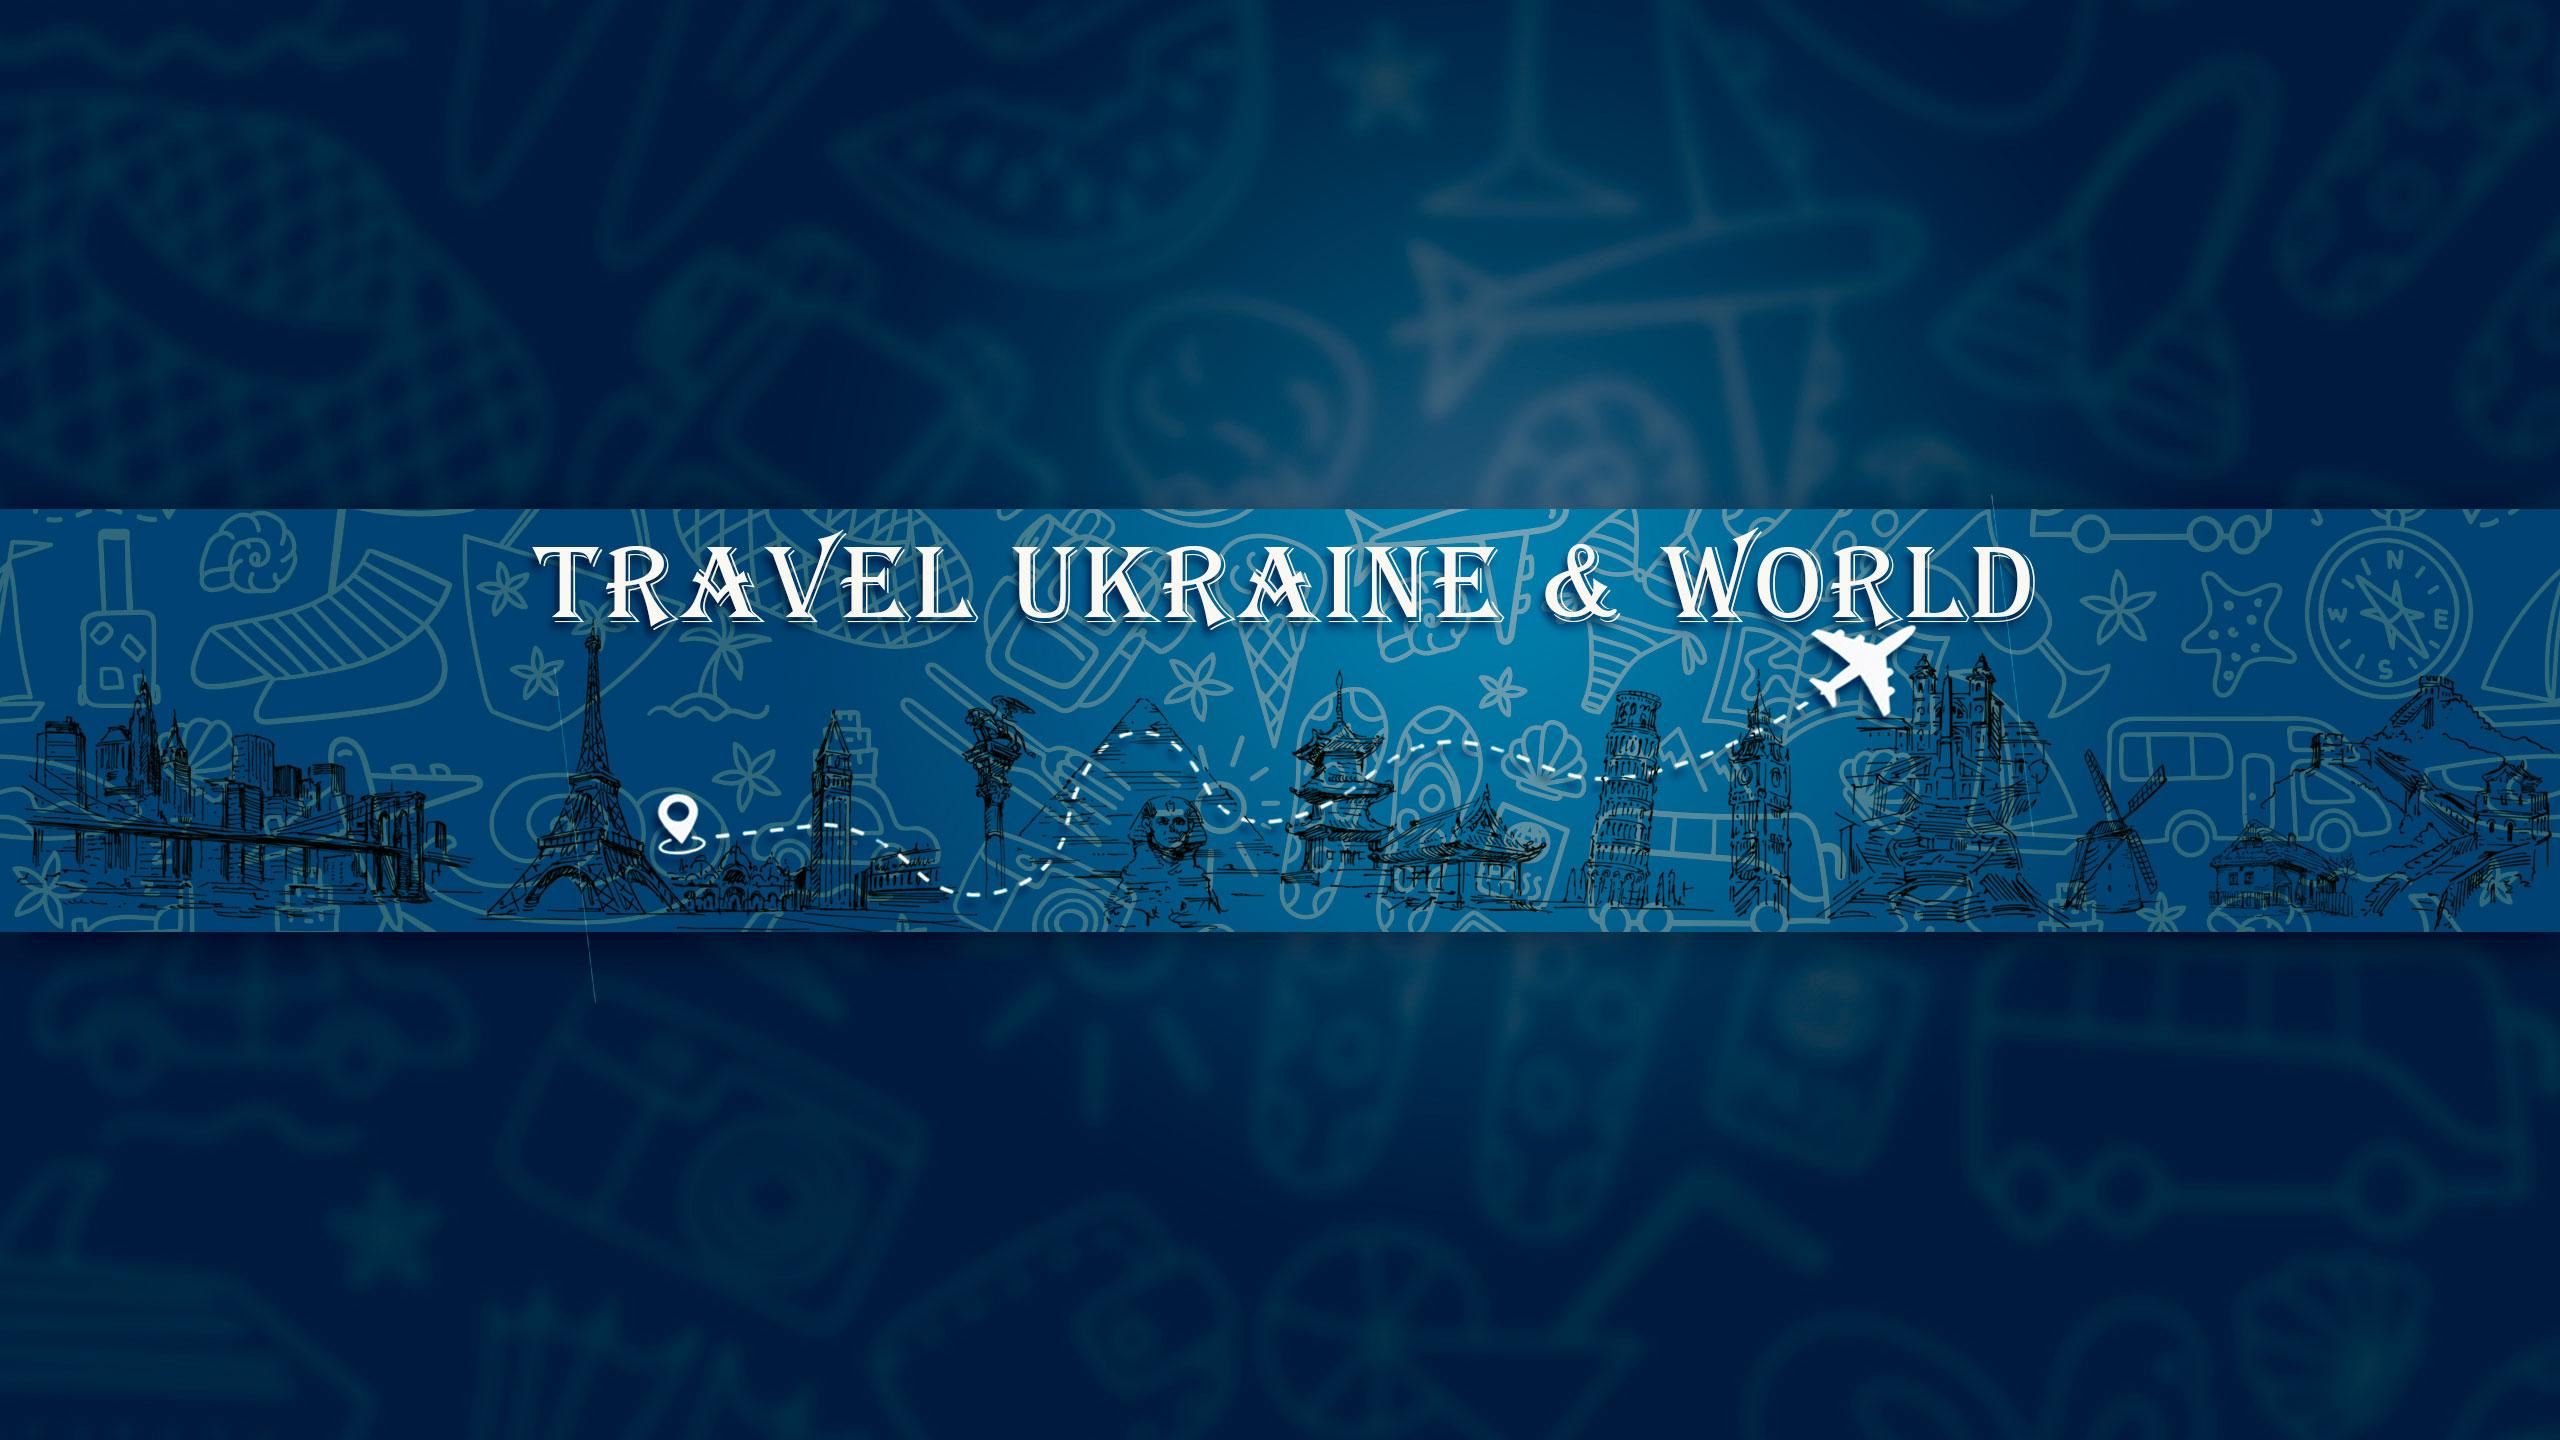 Travel Ukraine & World